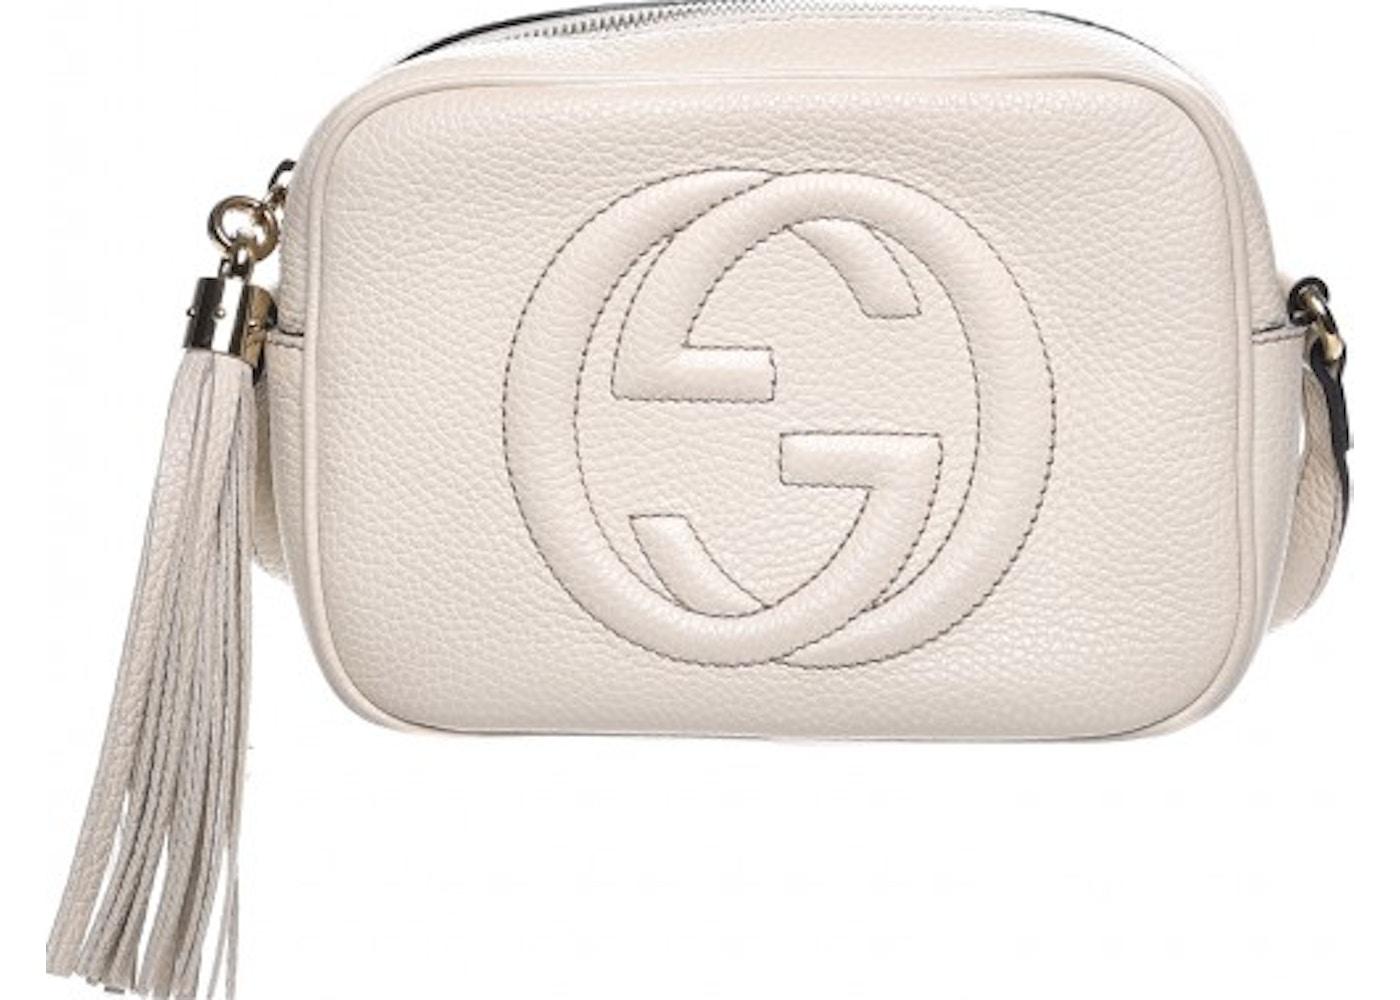 7ff1832ea Gucci Soho Disco Crossbody Small Off White. Small Off White